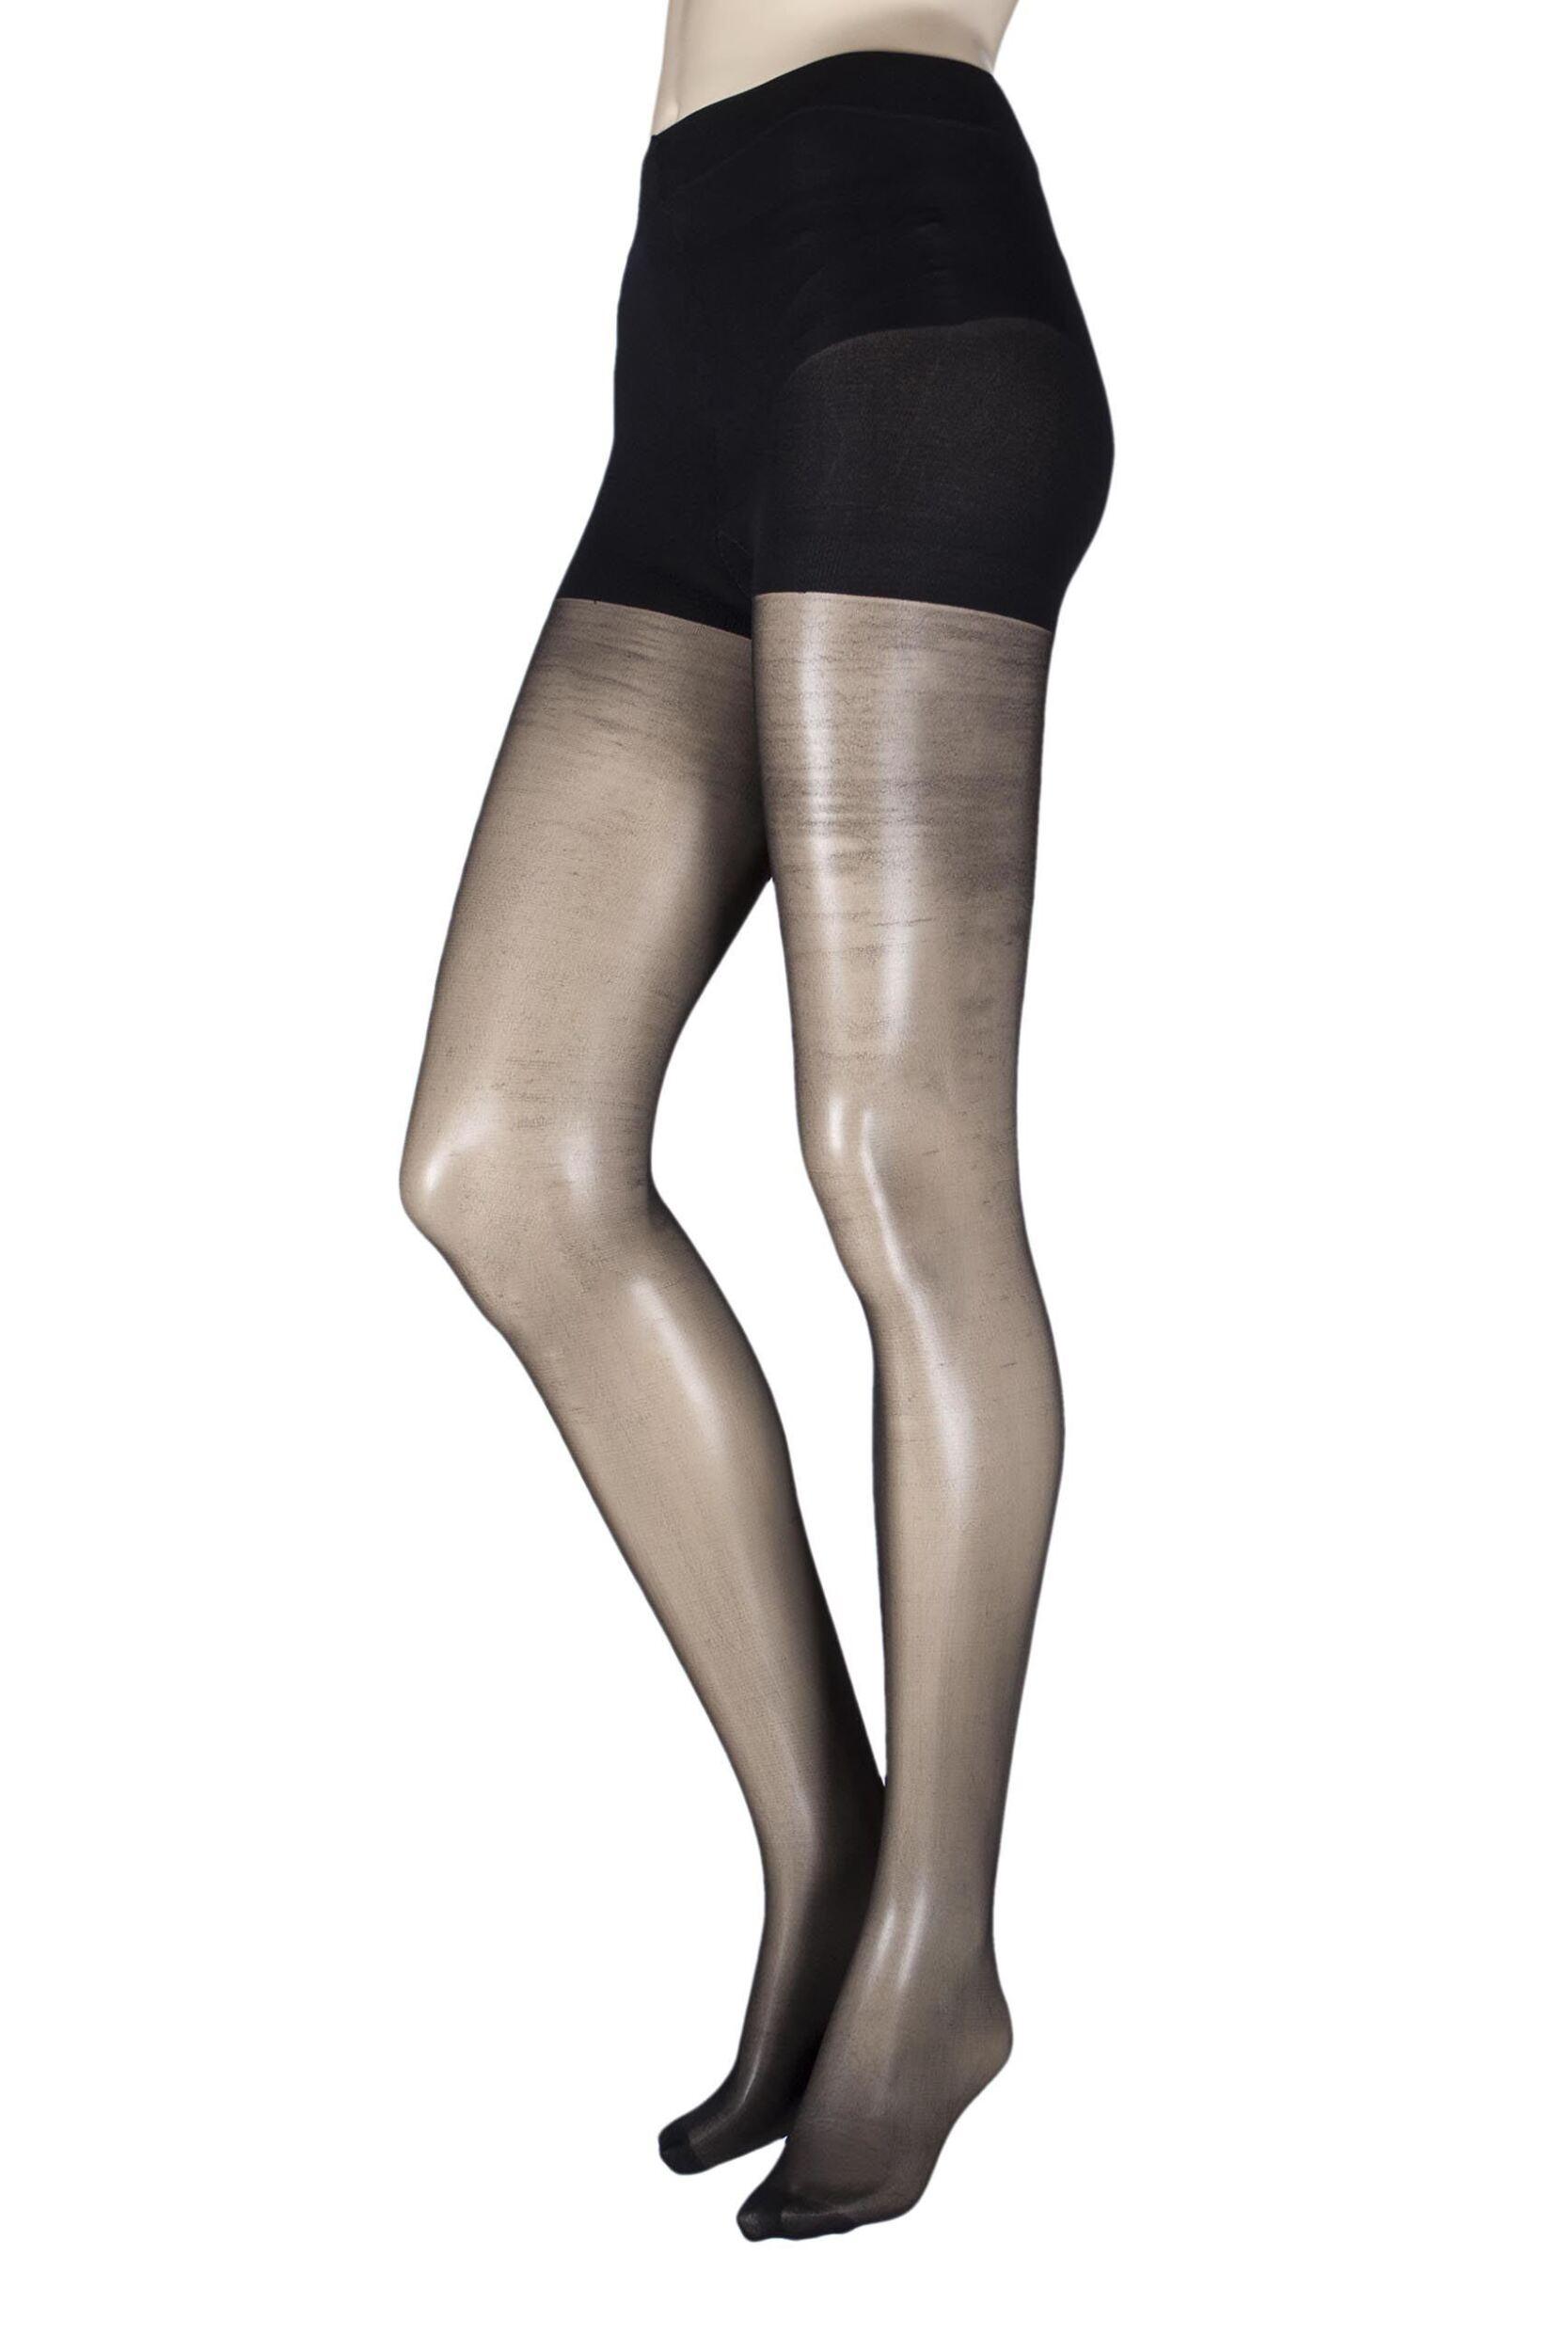 Image of 1 Pair Black 15 Denier Soft Shine Body Shaping Tights Ladies Small/Medium - Pretty Legs